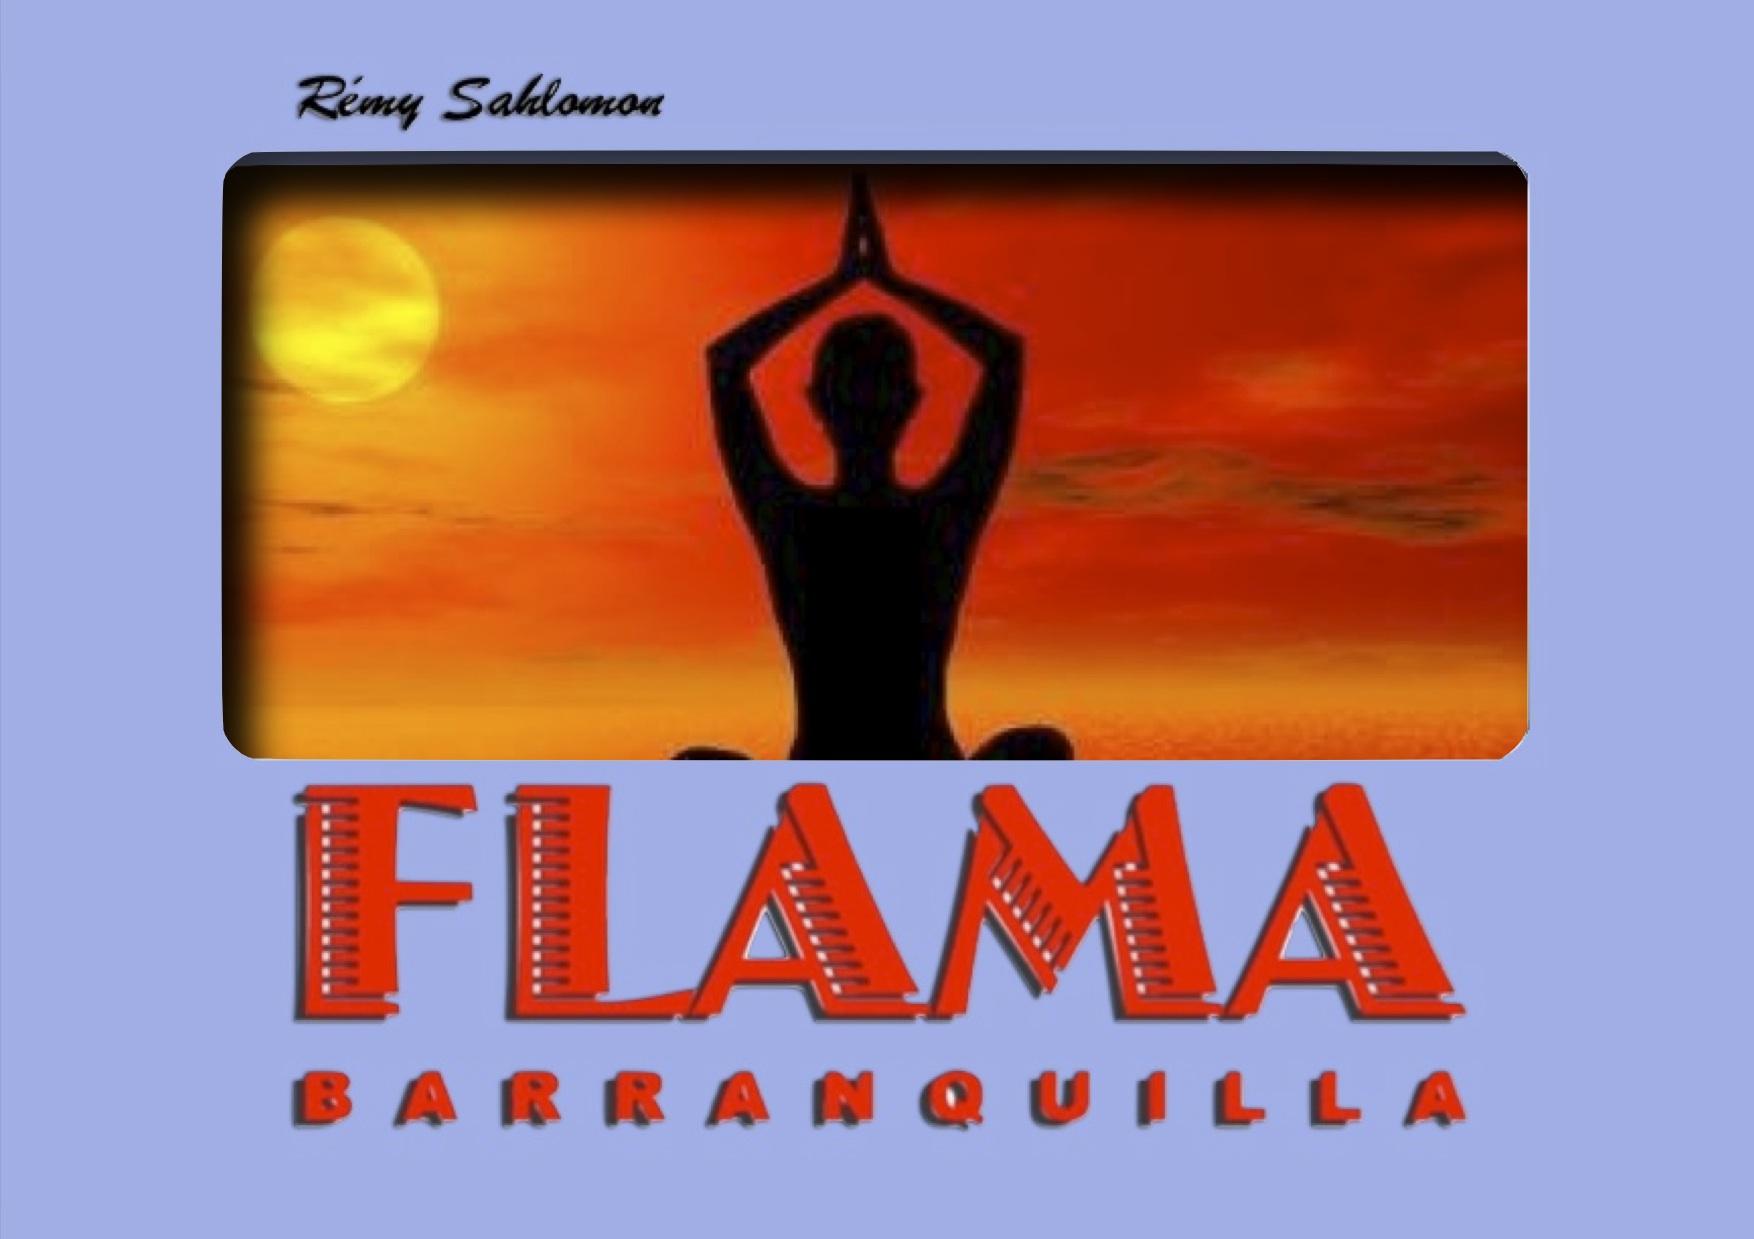 Rémy Sahlomon & Flama Barranquilla